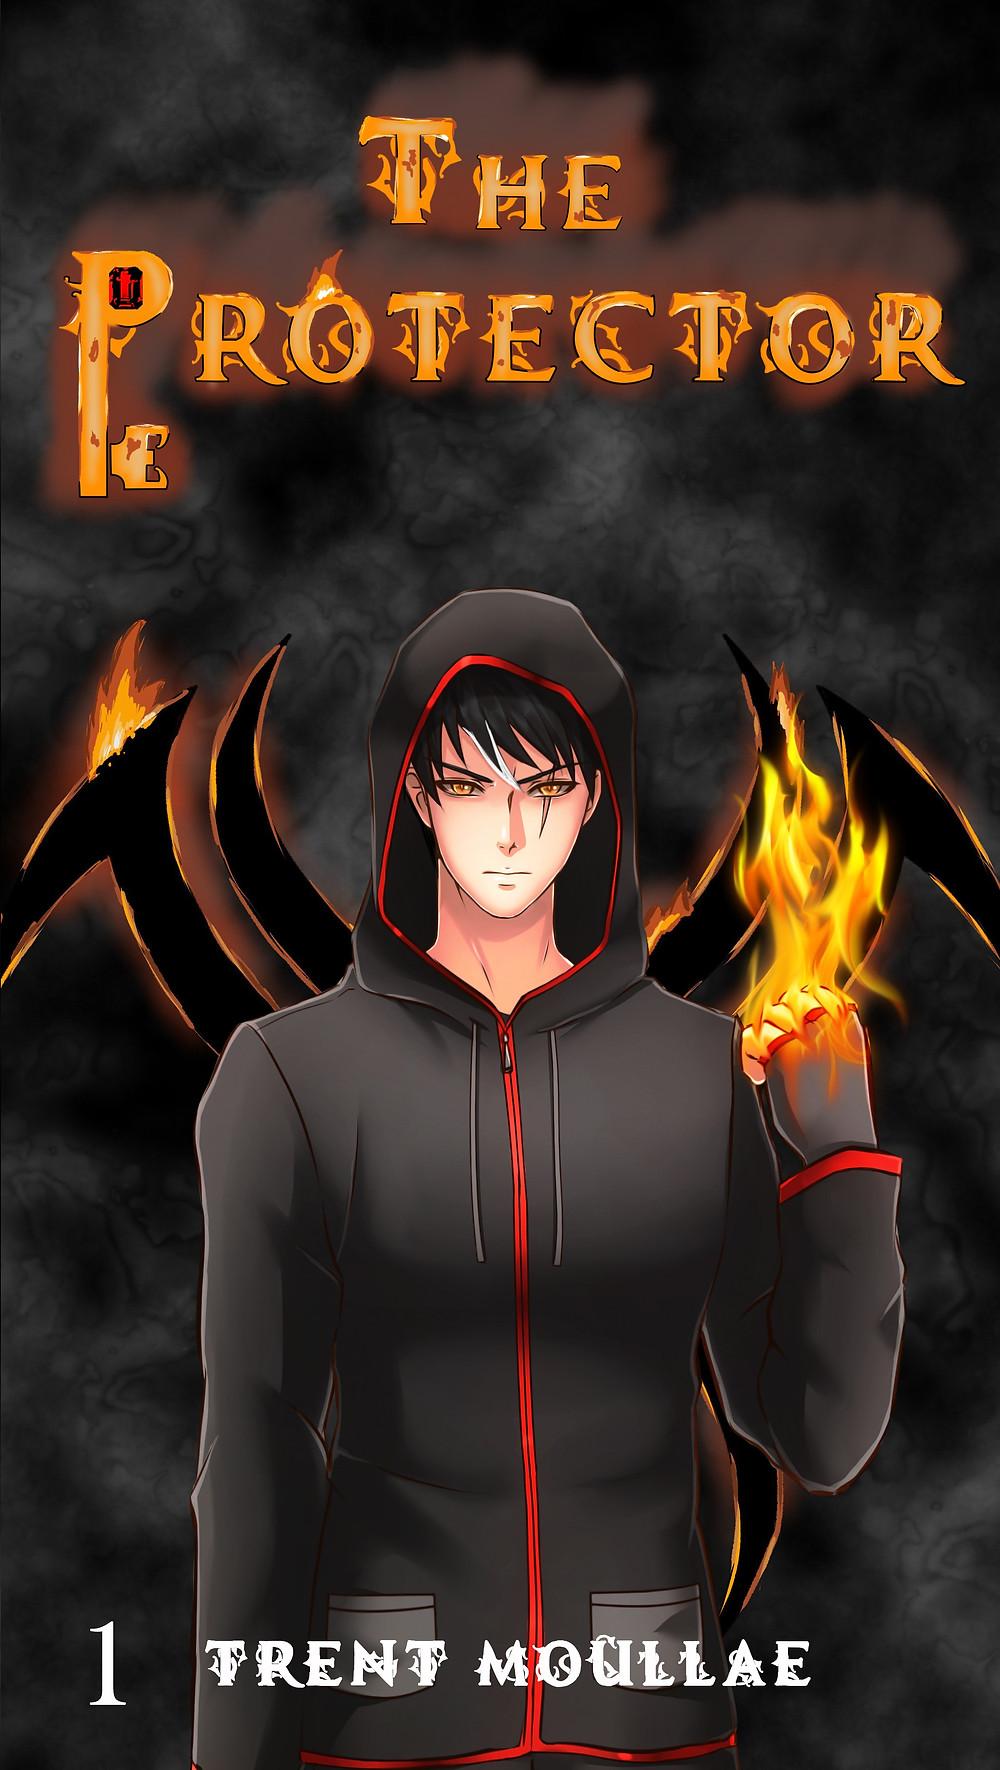 The Protector volume 1 cover featuring pretty demon boy, Zane